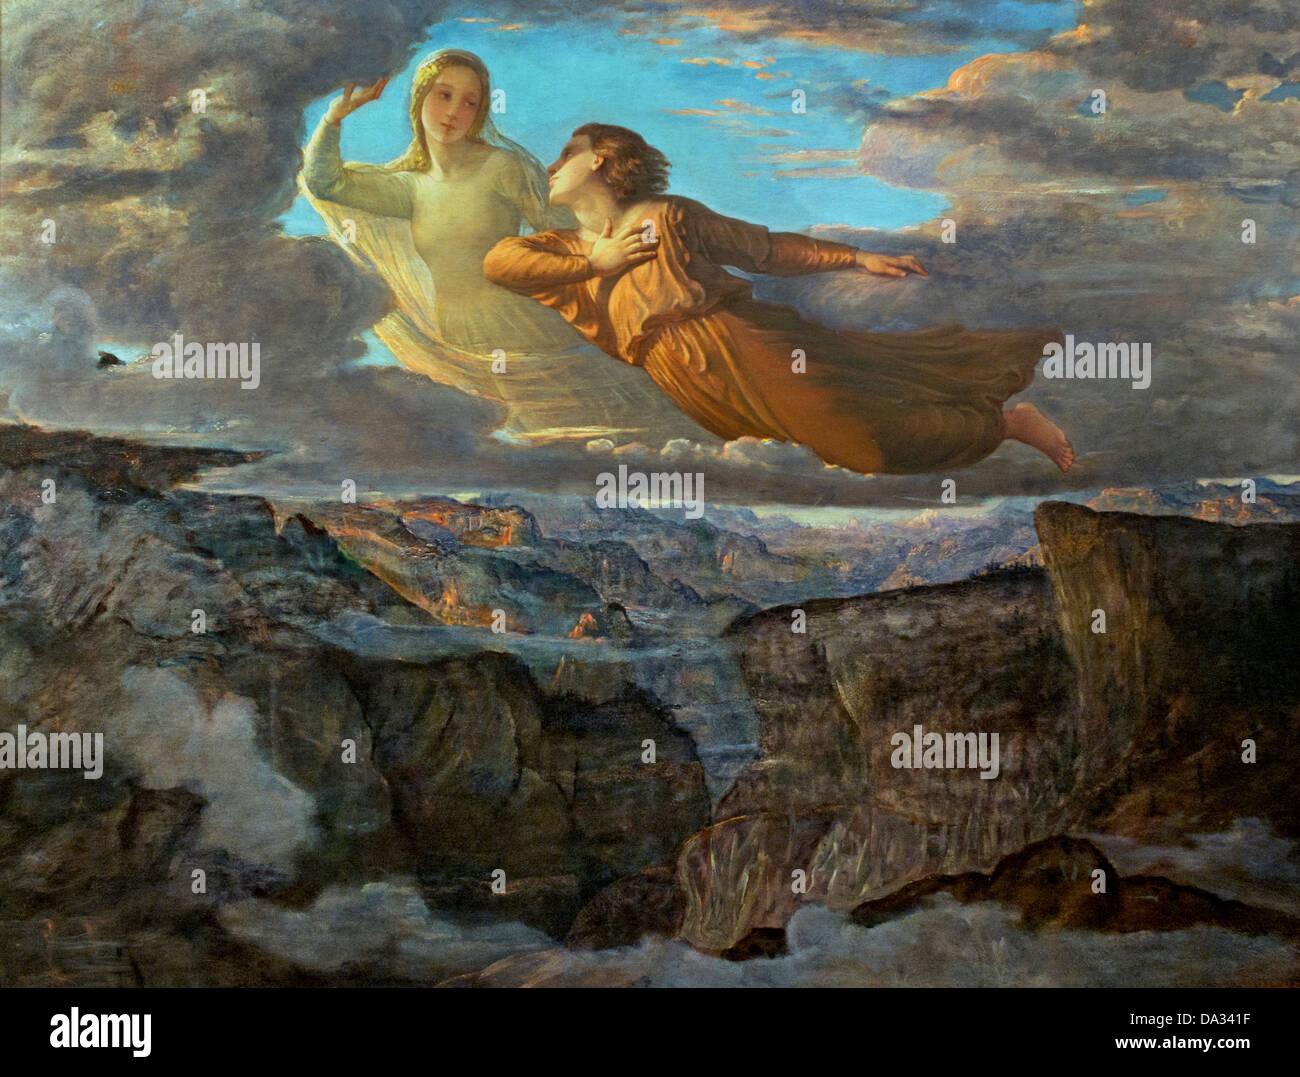 L'Idéal - The Ideal - Le poeme de l'ame - The poem of the soul by Louis Janmot 1814-1892 France - Stock Image